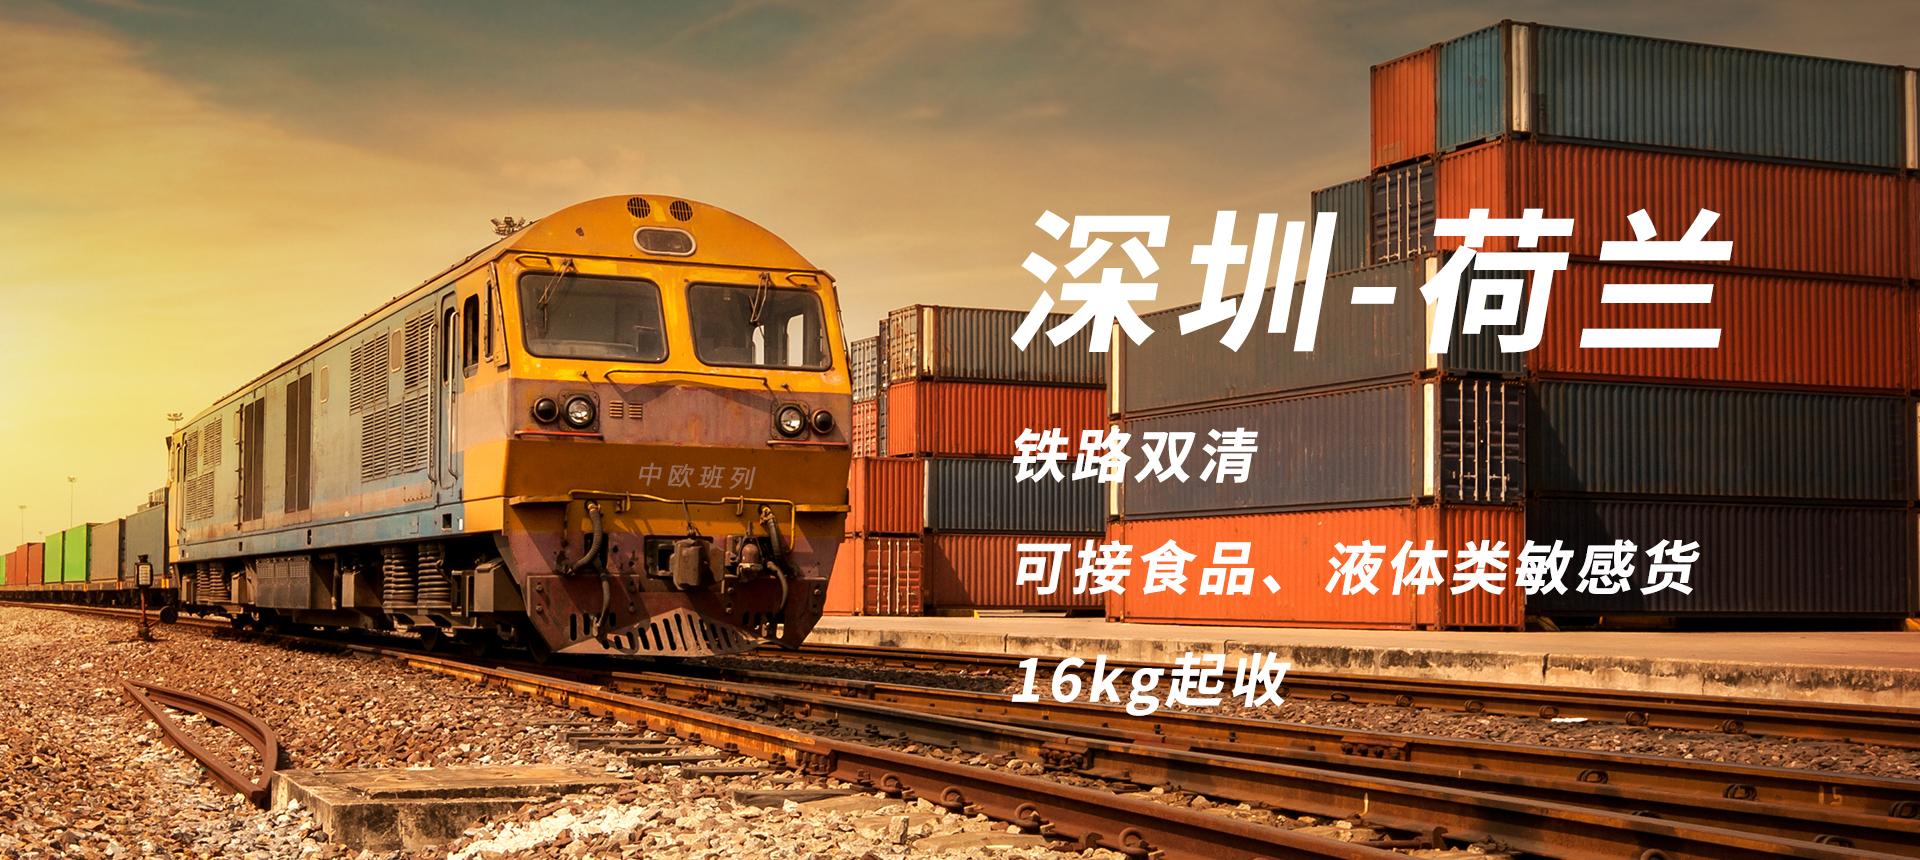 深圳小飞匣跨境物流公司提供跨境电商品牌出海服务,旨在打造专业货运平台